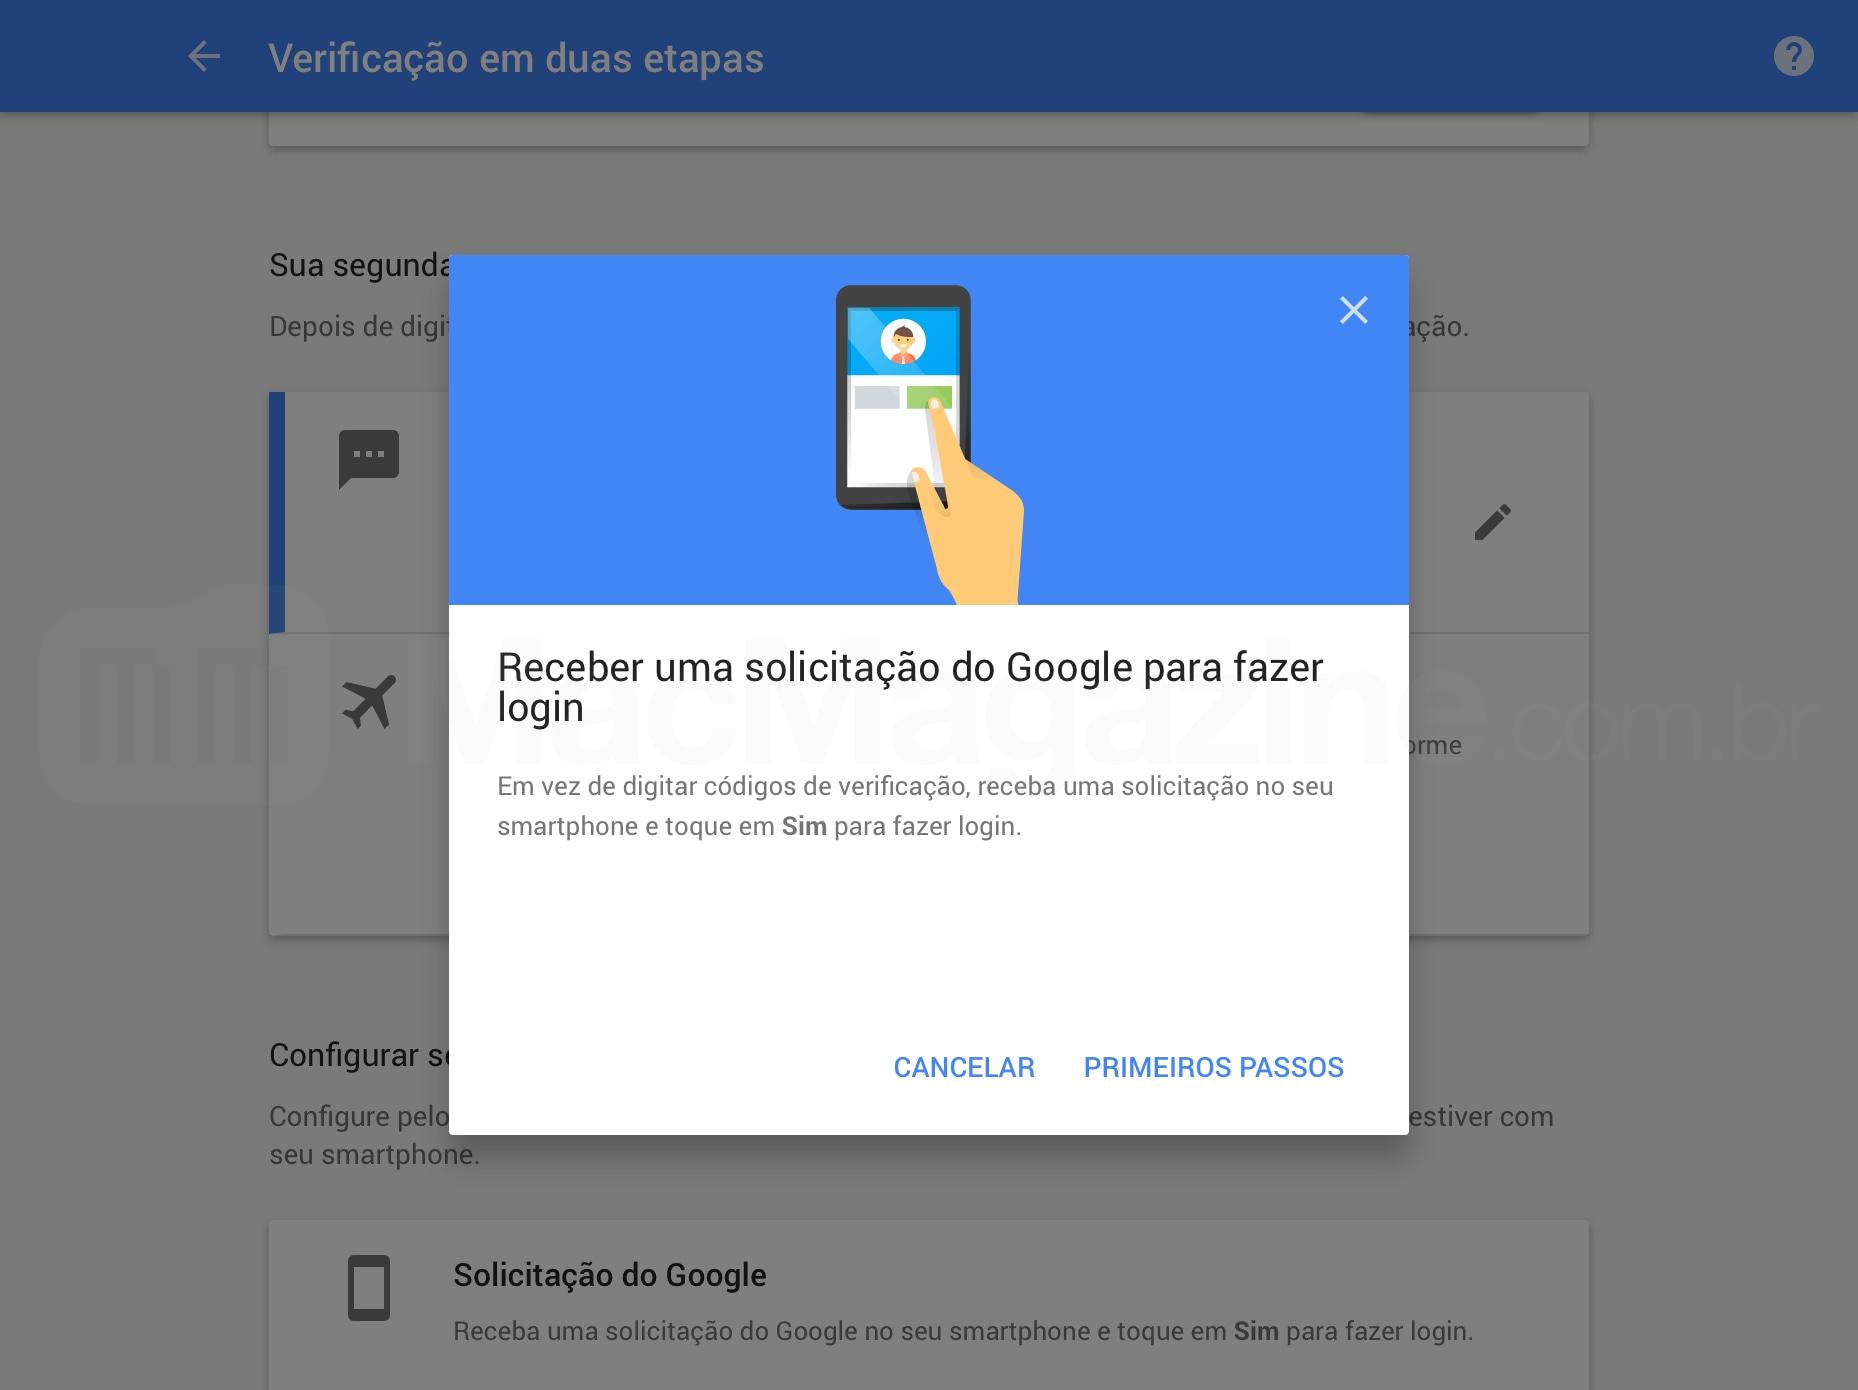 Nova verificação em duas etapas do Google